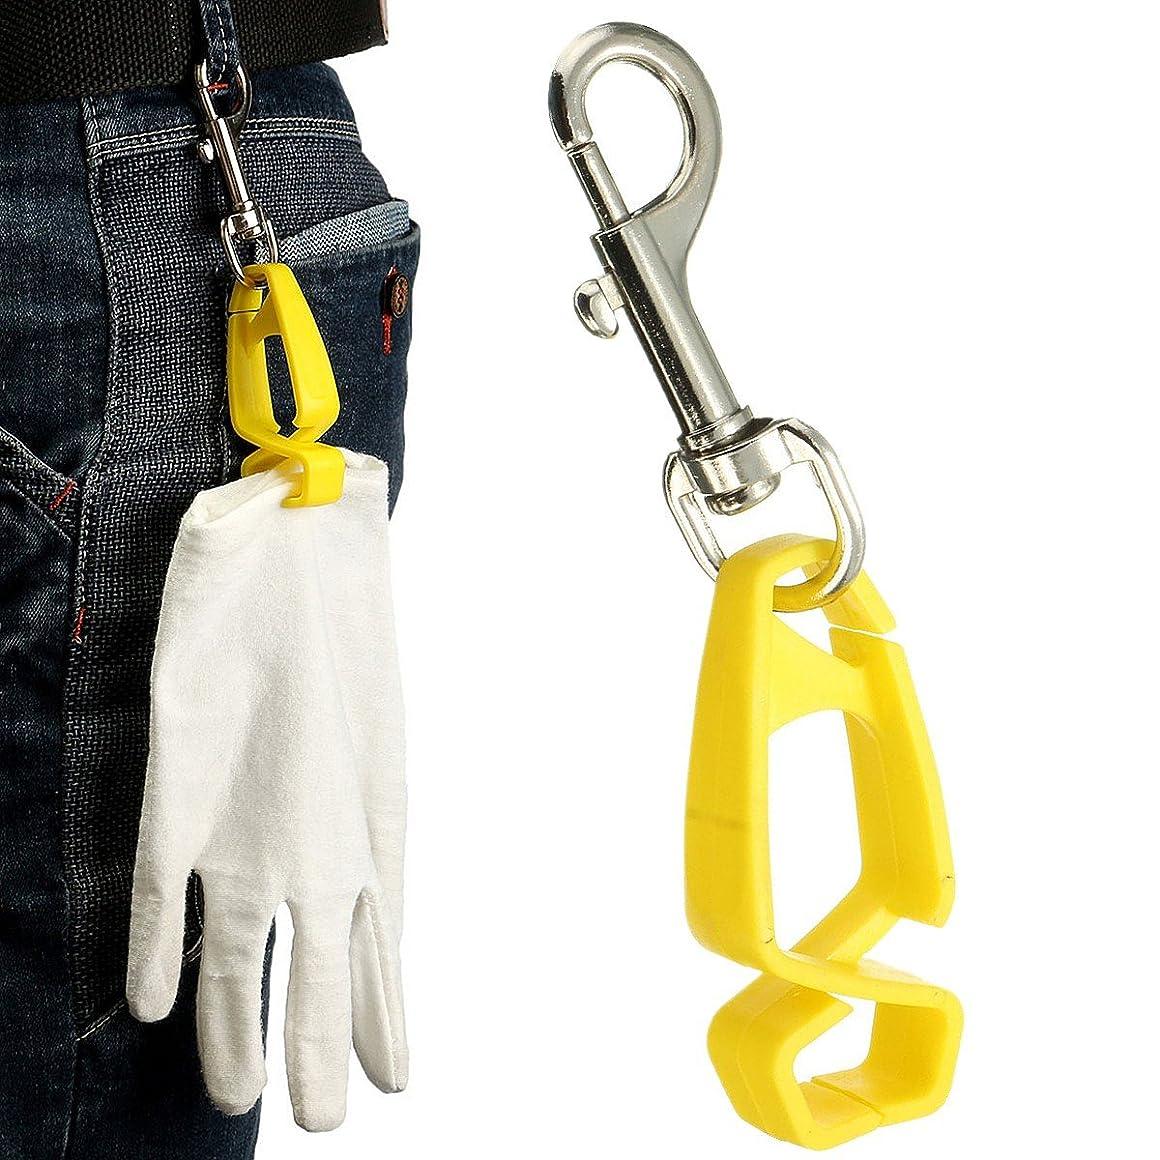 葉重さ巨人Queenwind の安全手袋の監視クリップのホールダーは付すために手袋のタオルのメガネヘルメット